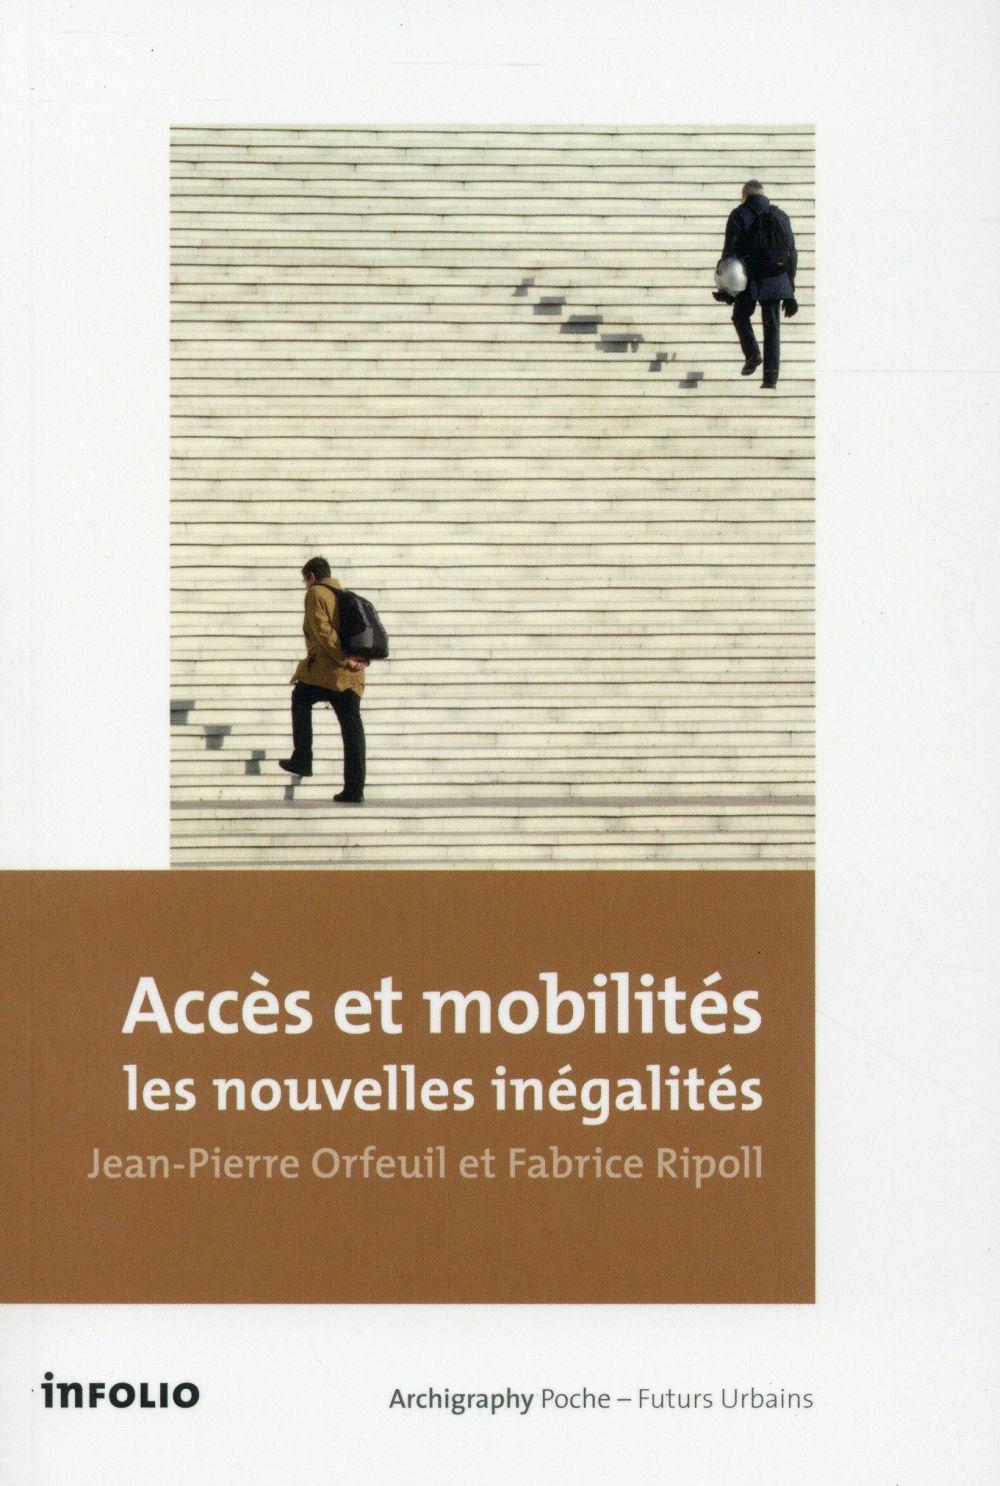 ACCES ET MOBILITES : LES NOUVELLES INEGALITES